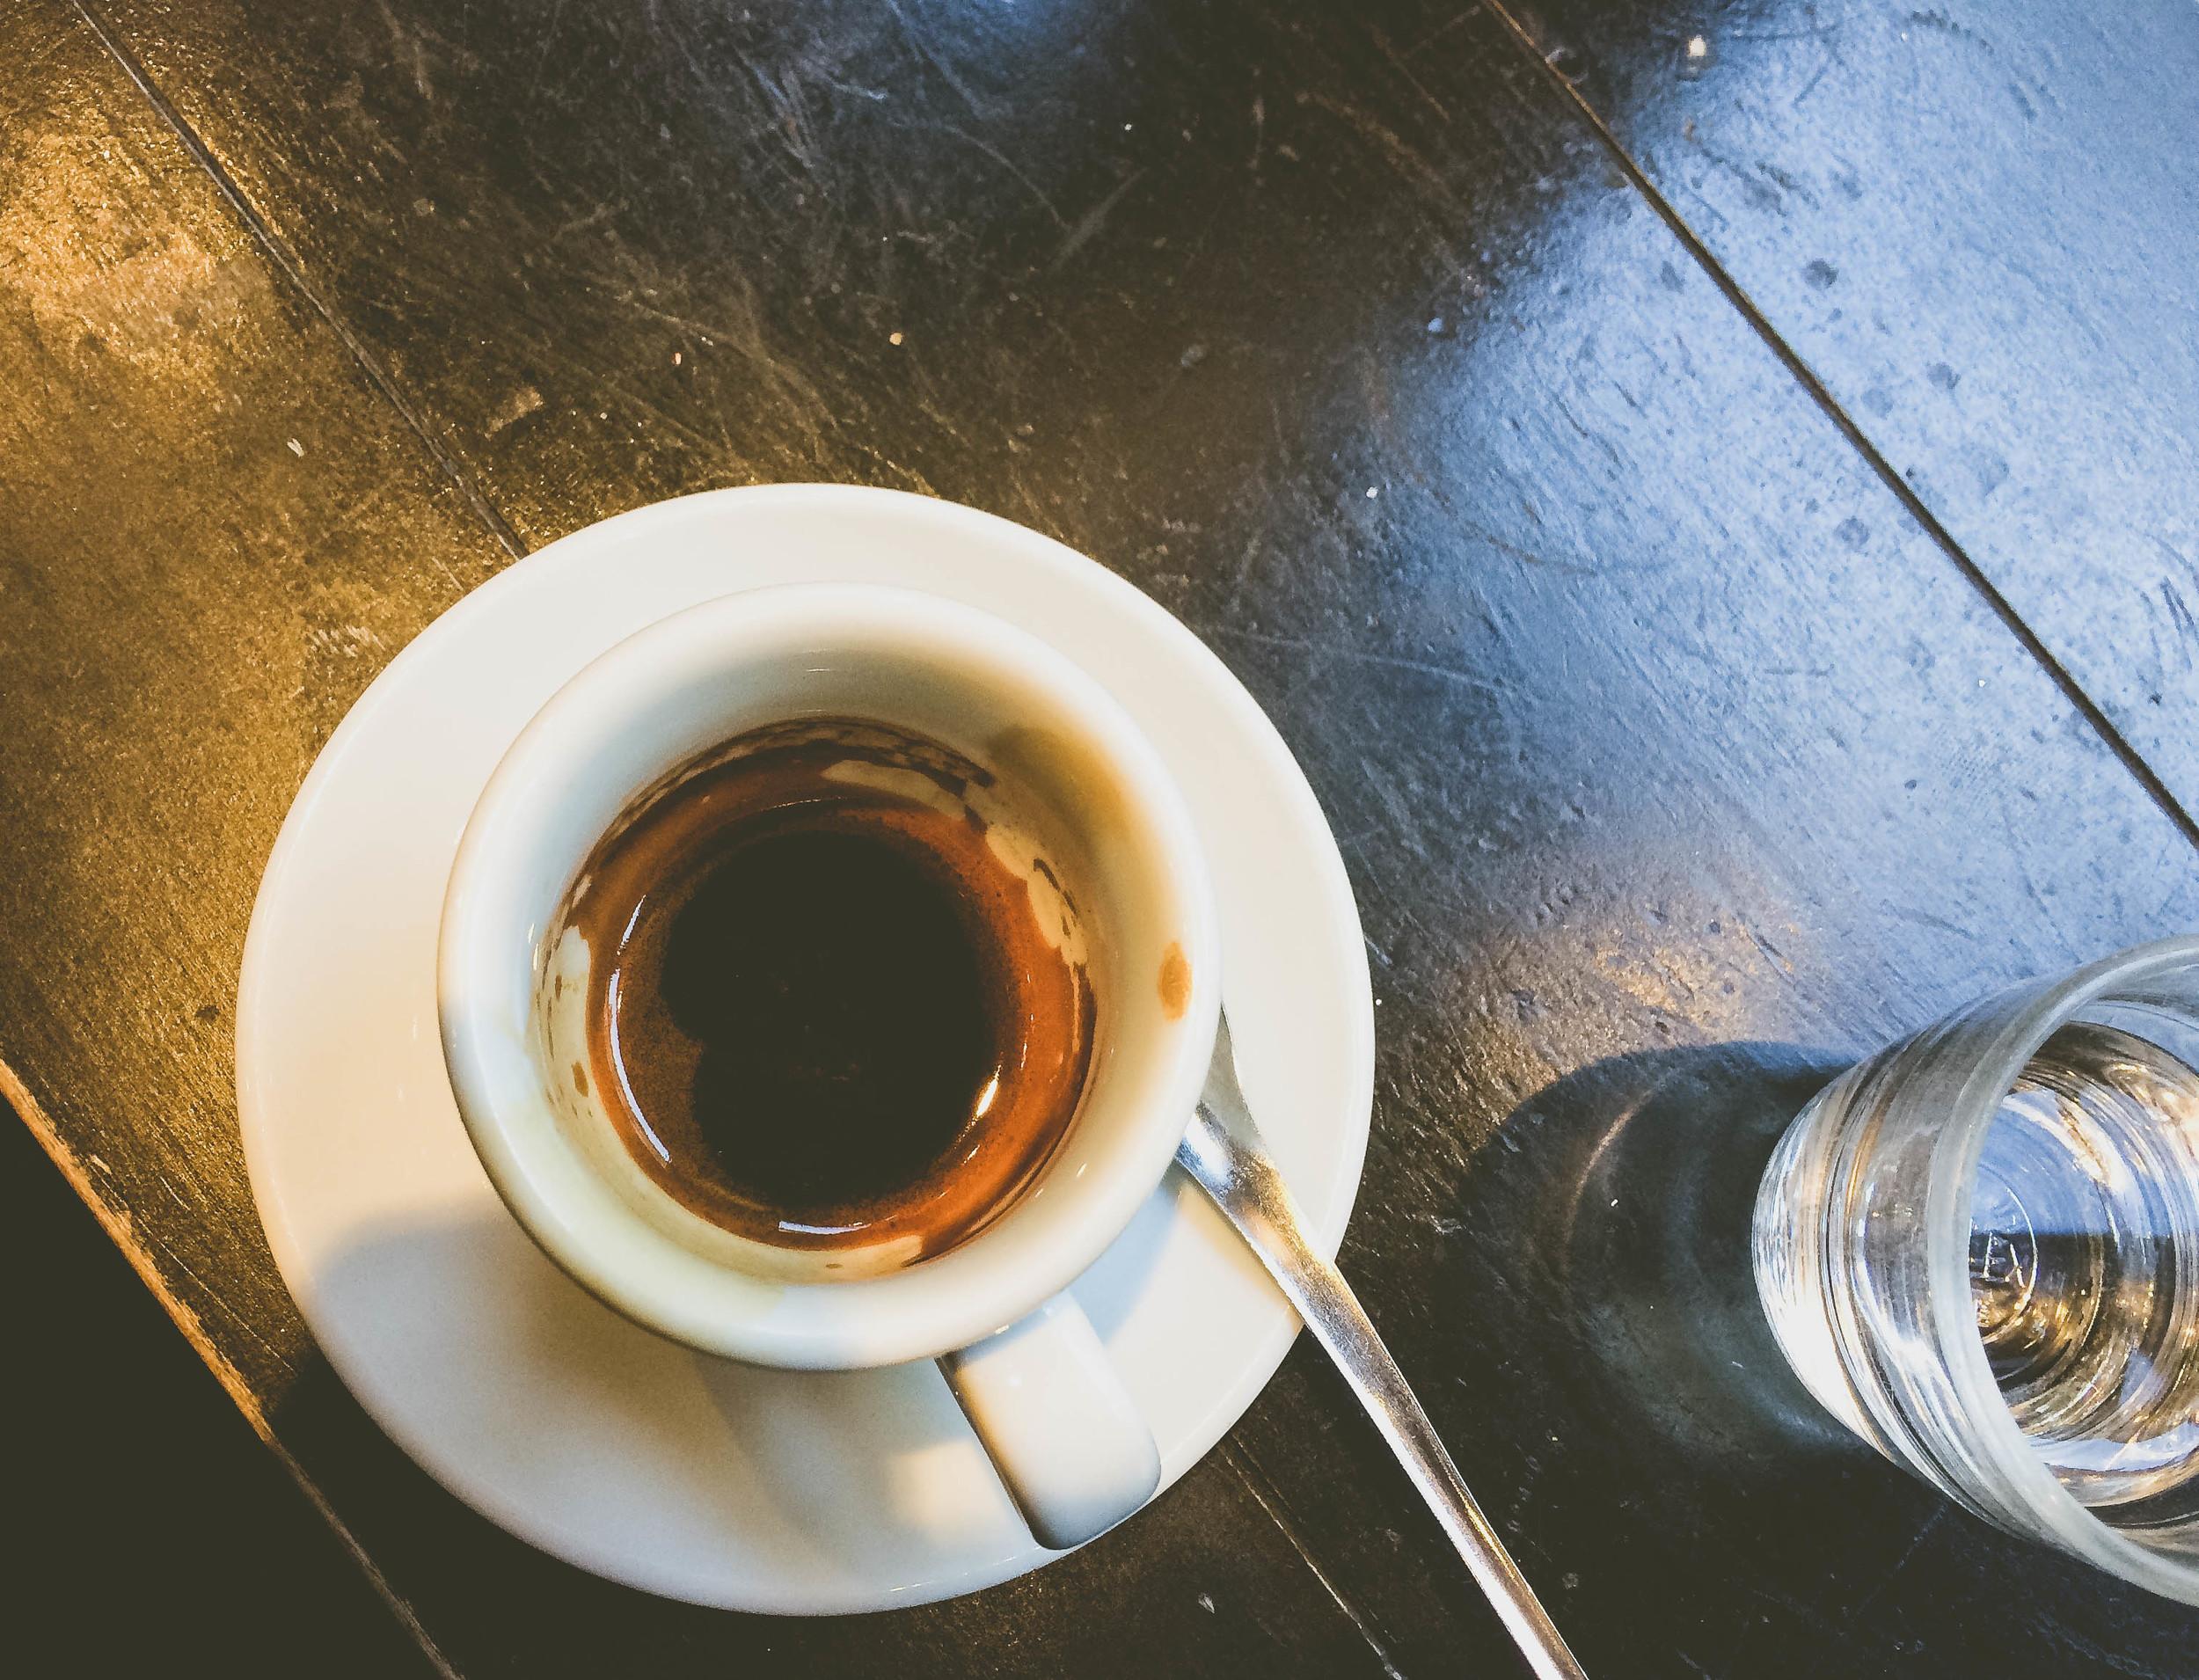 An espresso and verre de l'eau at Terres de Café.